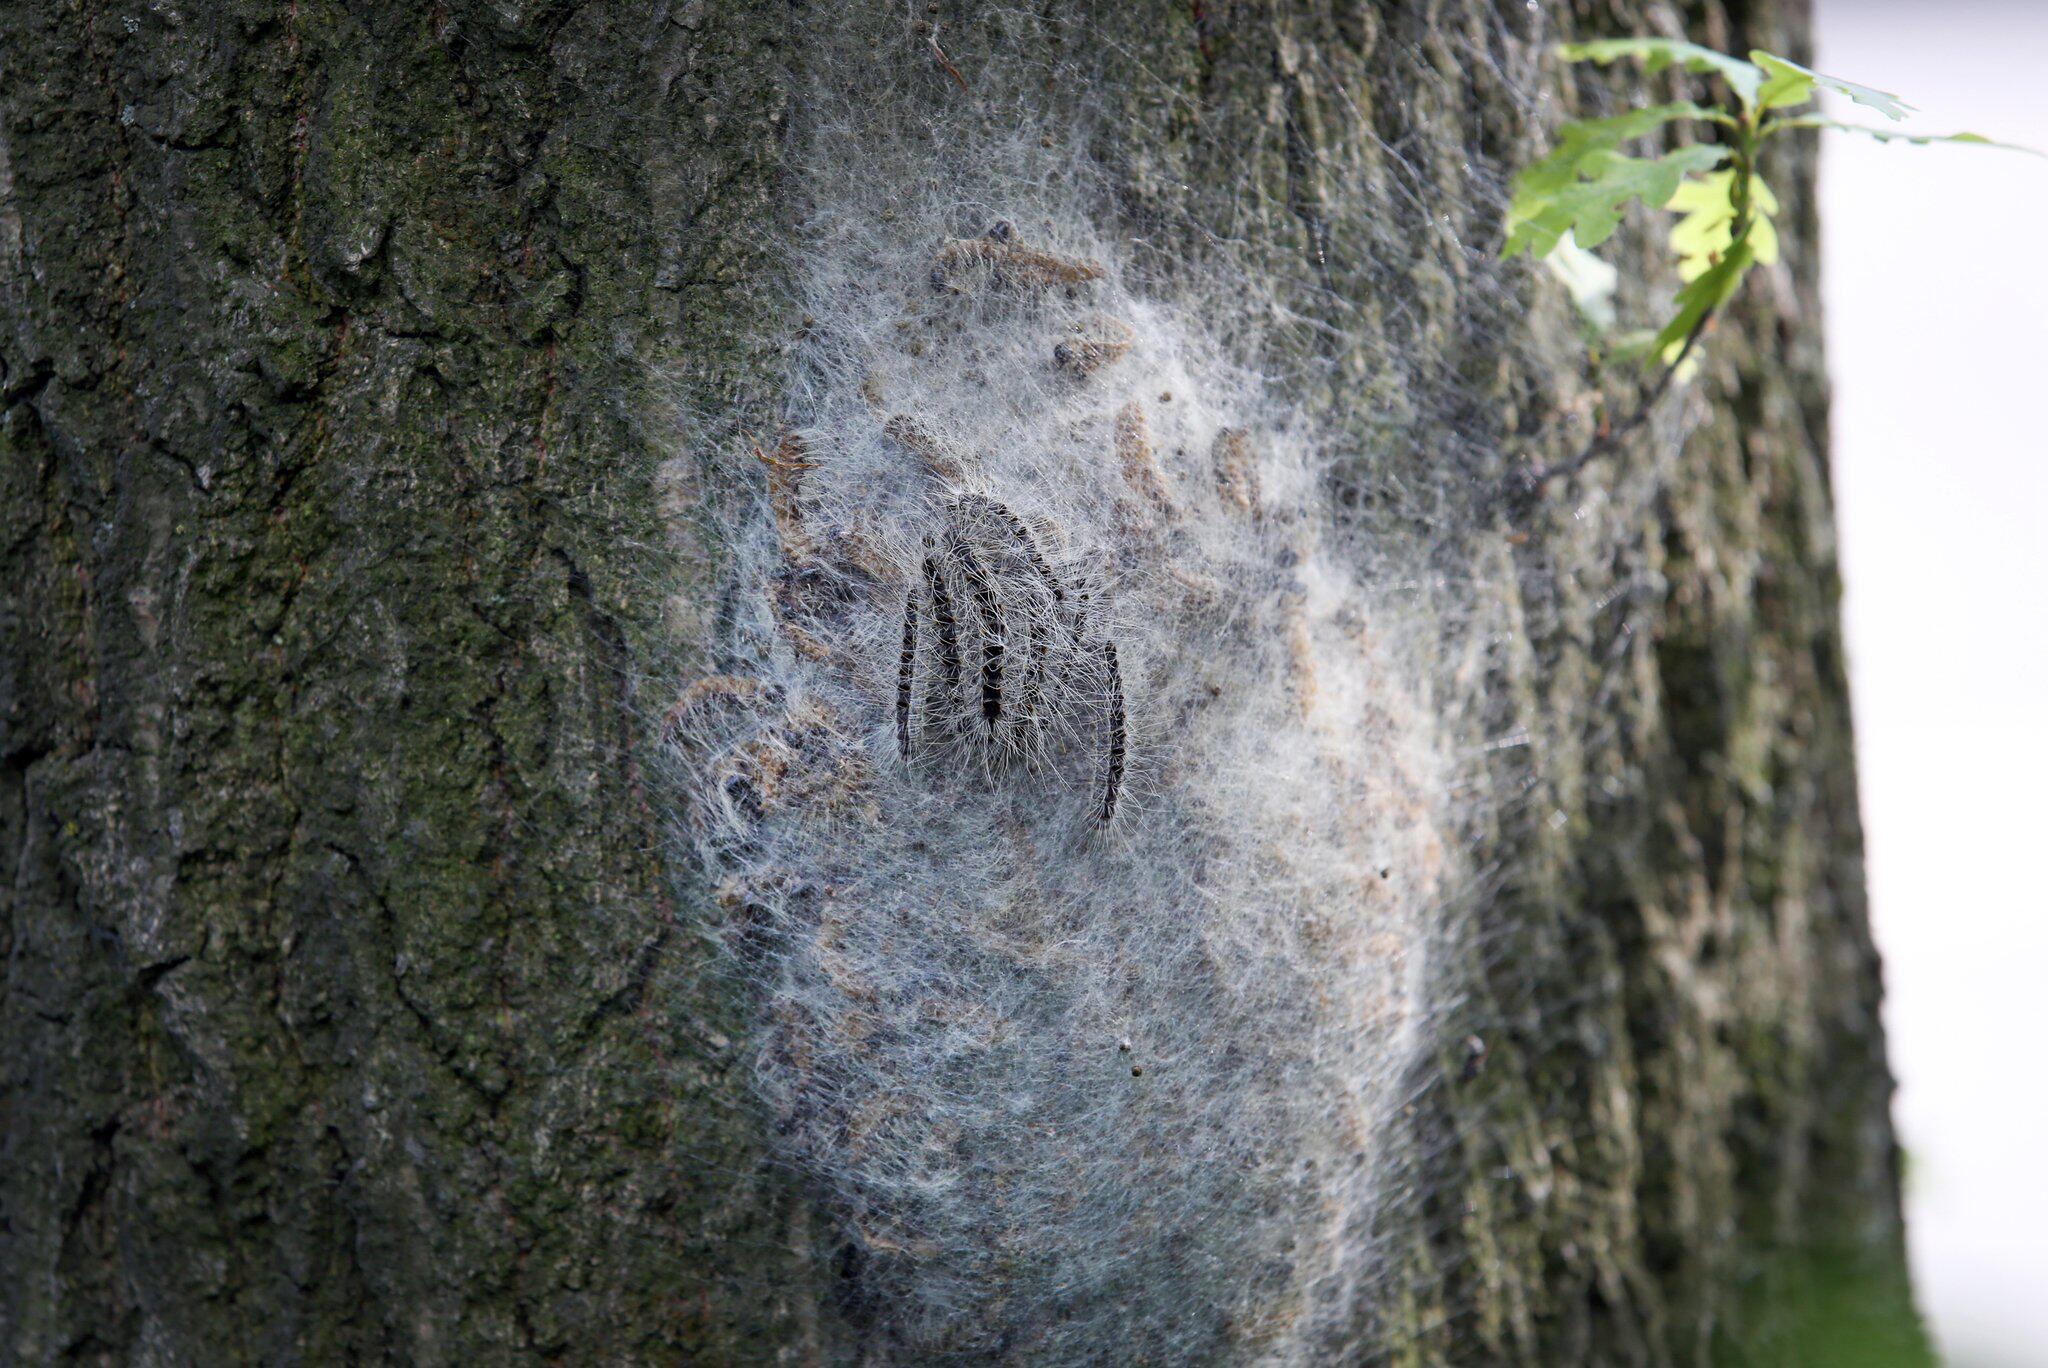 Bild zu Mehr Eichenprozessionsspinner in Sachsen - Gefahr für Menschen